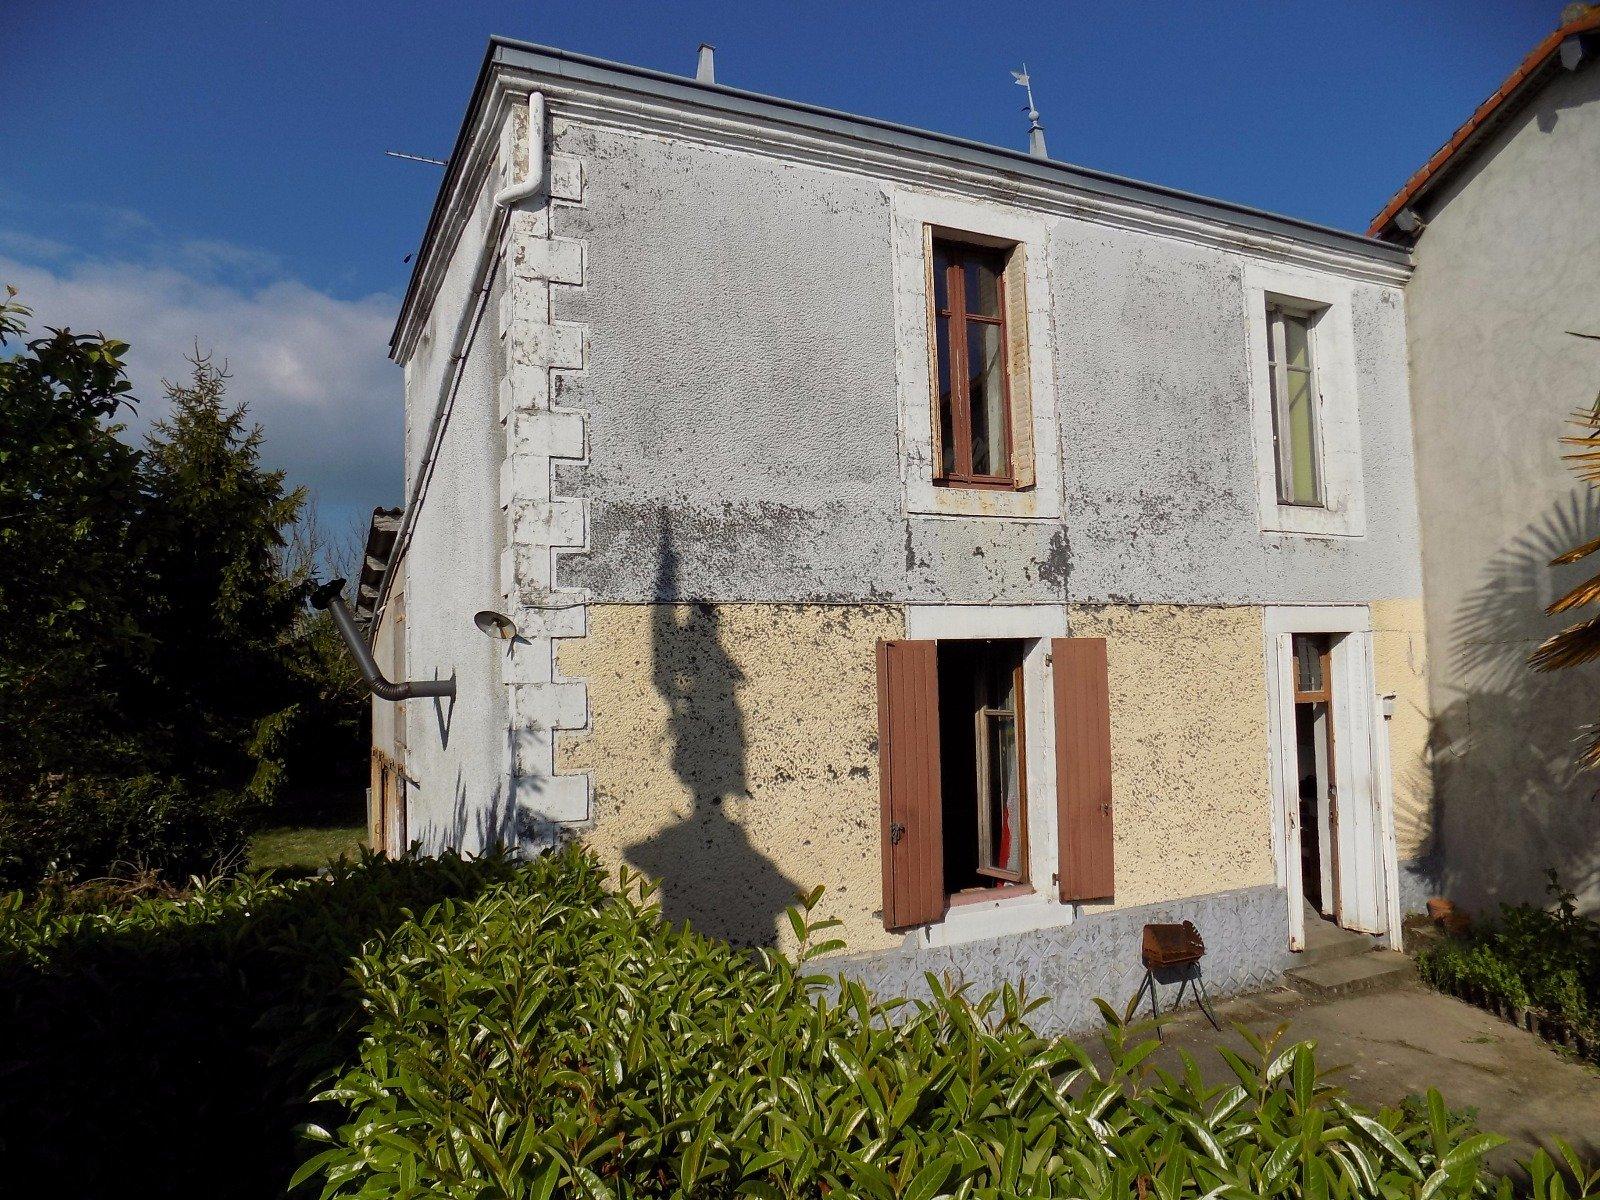 Achat-Vente-Maison-Poitou-Charentes-DEUX SEVRES-Saurais